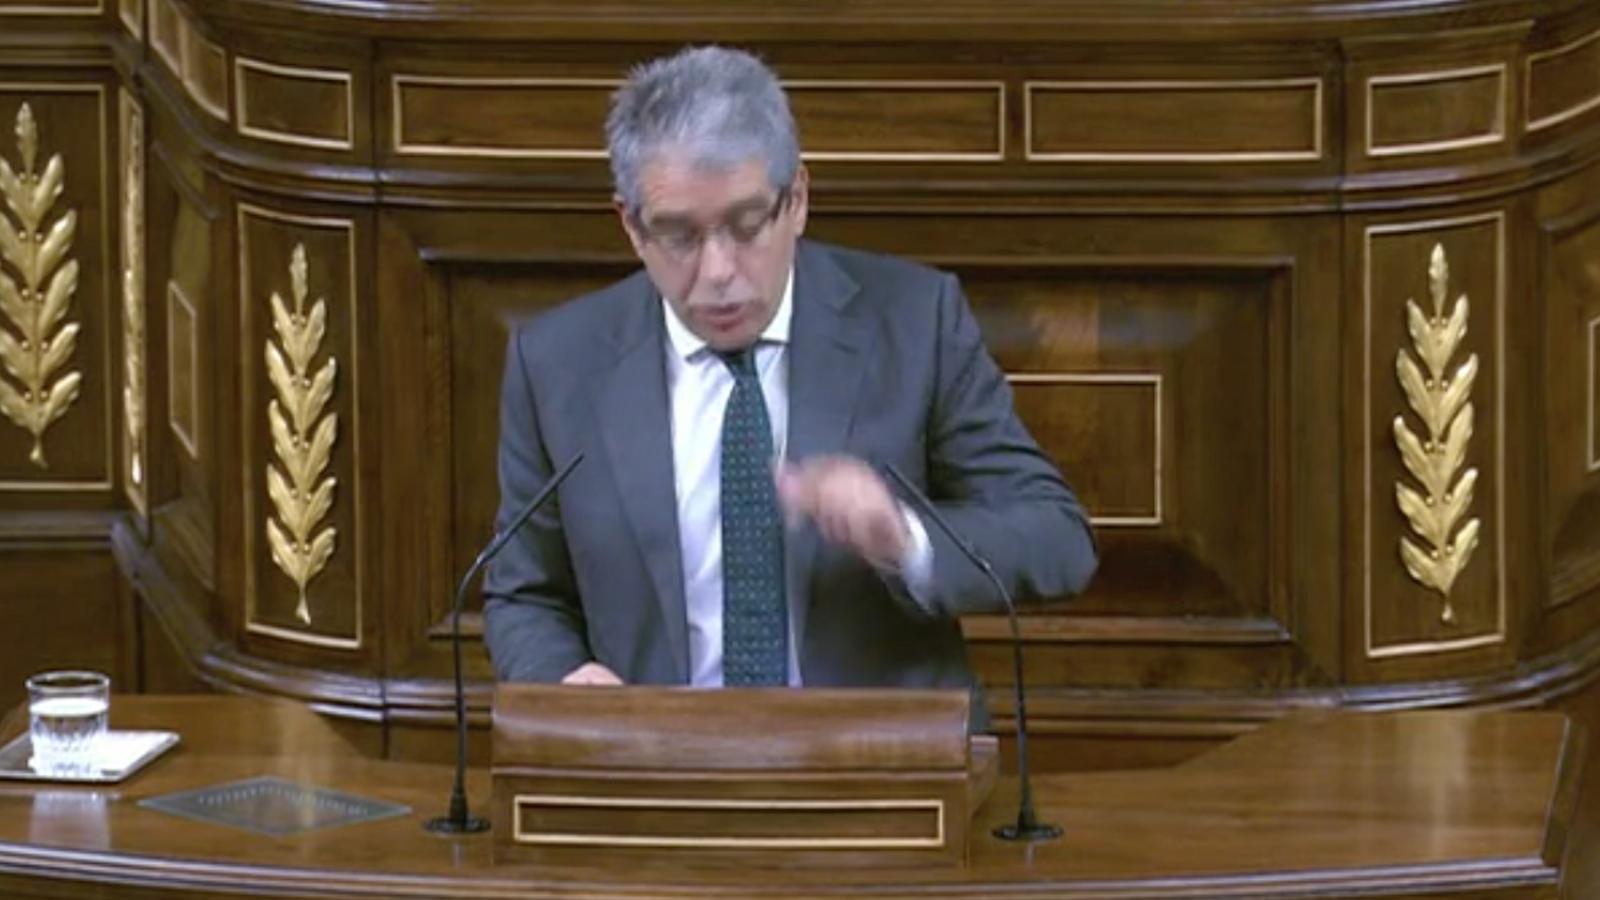 Homs en la sessió al Congrés en què s'investeix Rajoy president